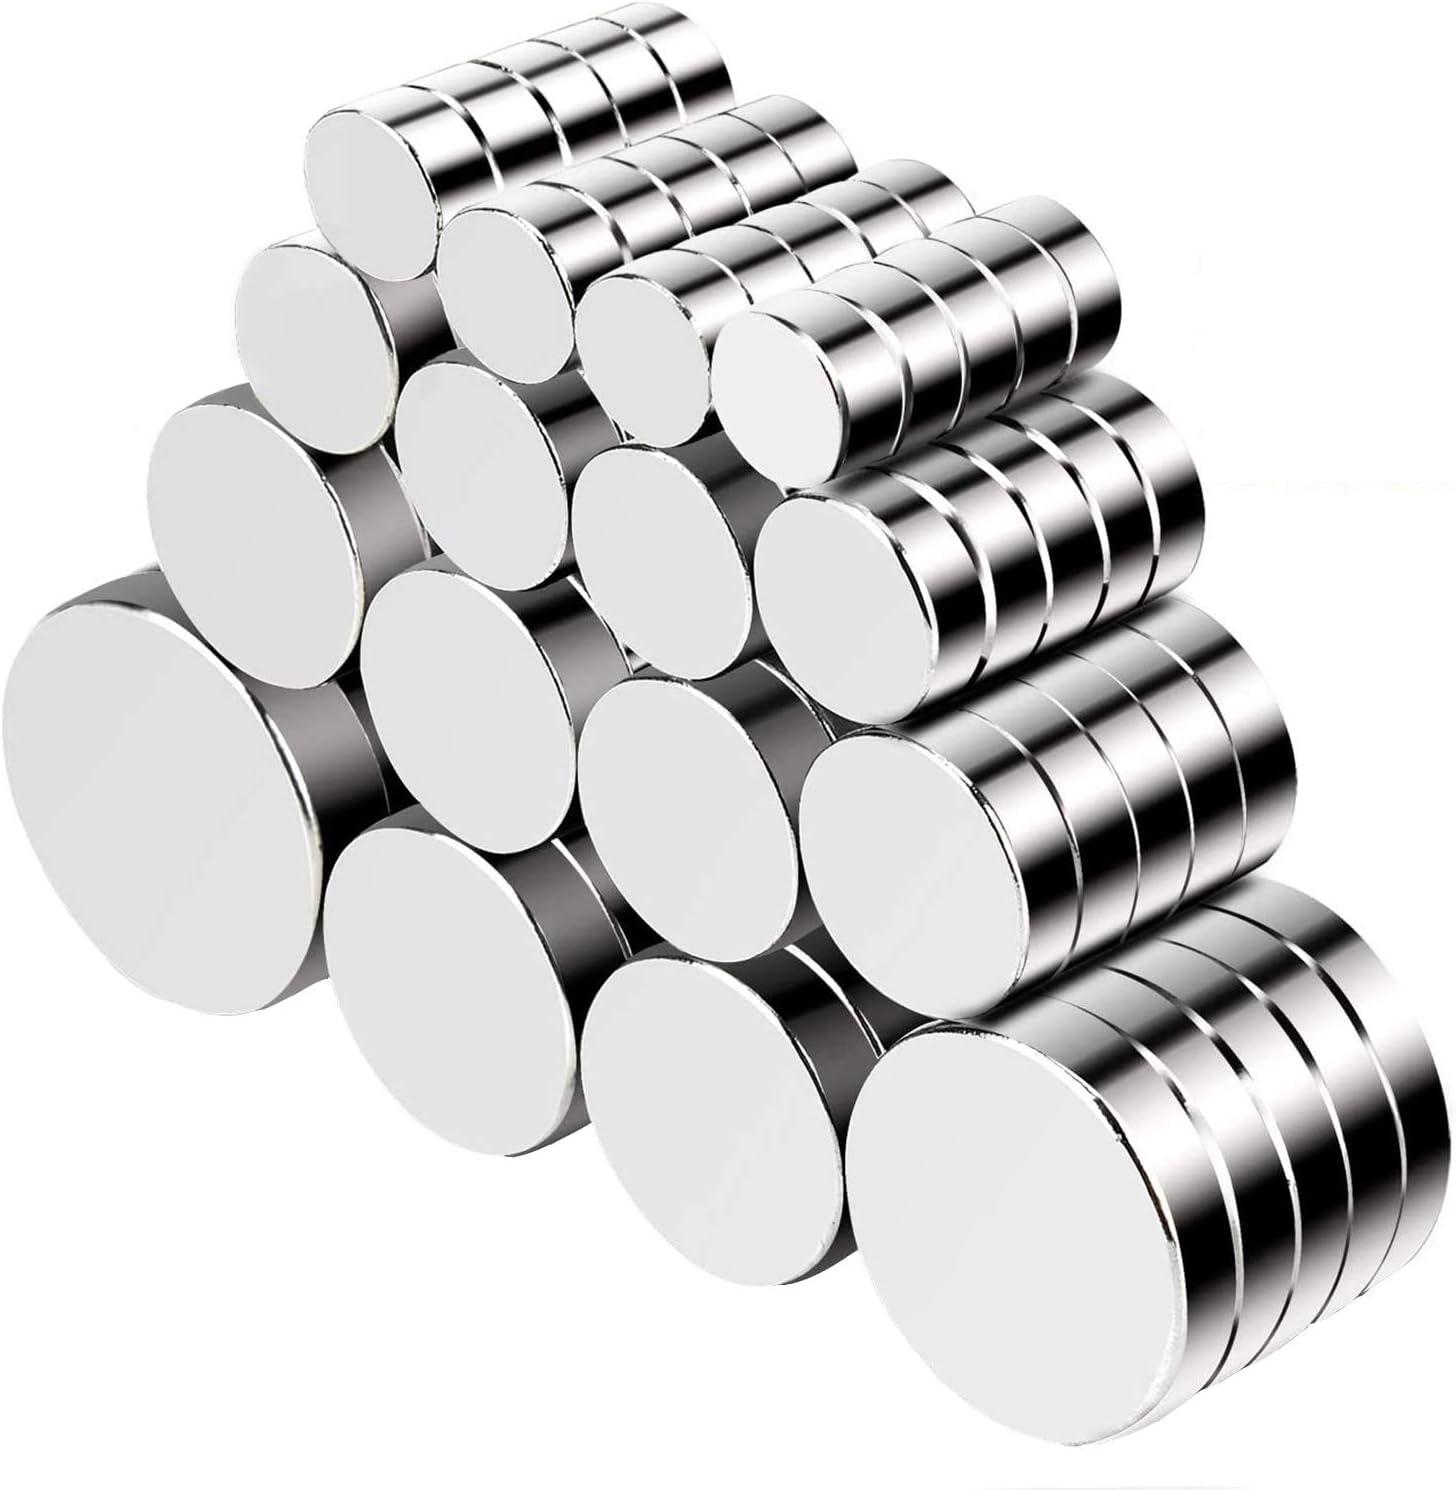 Jewan - 80 imanes de neodimio potentes, para frigorífico Redondo, imán de frigorífico (Varios tamaños), imán para Nevera con Superficies magnéticas, Pizarra Blanca interactiva, imágenes, Bricolaje